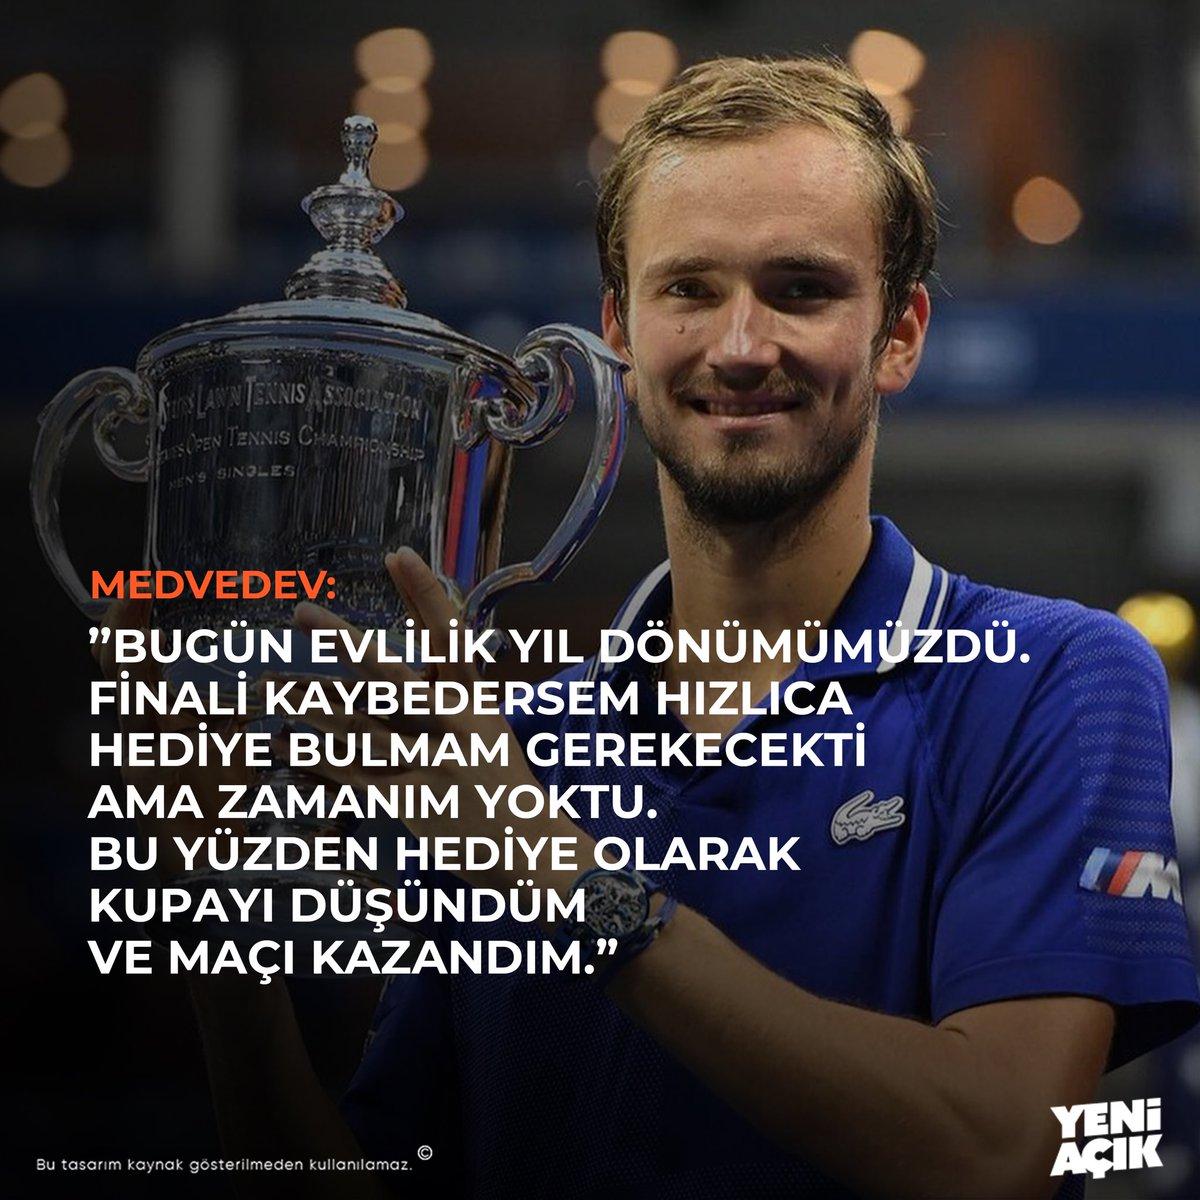 Djokovic'i devirip kupayı kazanan Medvedev, evlilik yıldönümünü için fırsatı kaçırmıyor. ☺️